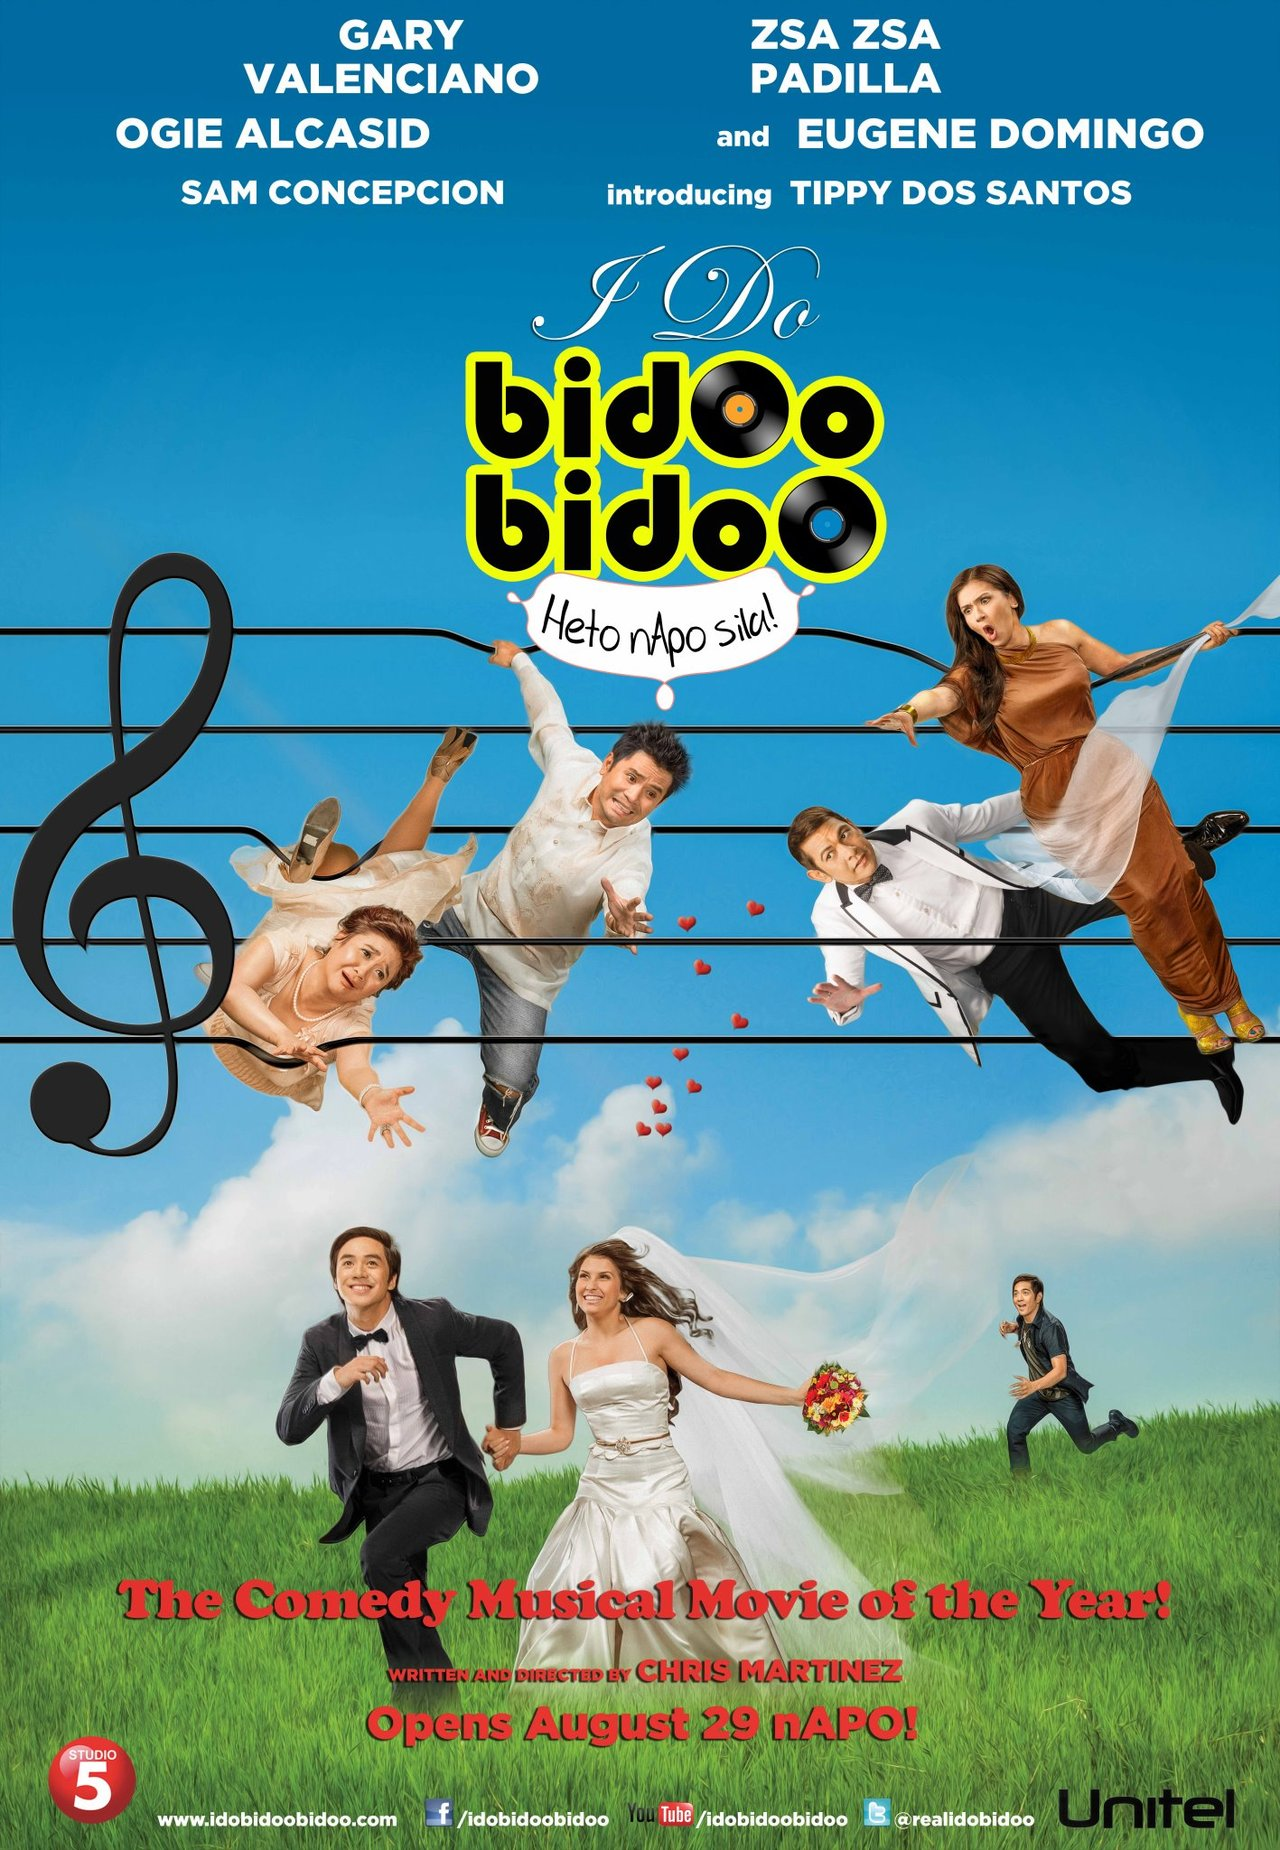 「アイ・ドゥ・ビドゥビドゥ / I Do Bidoo Bidoo」のポスター2